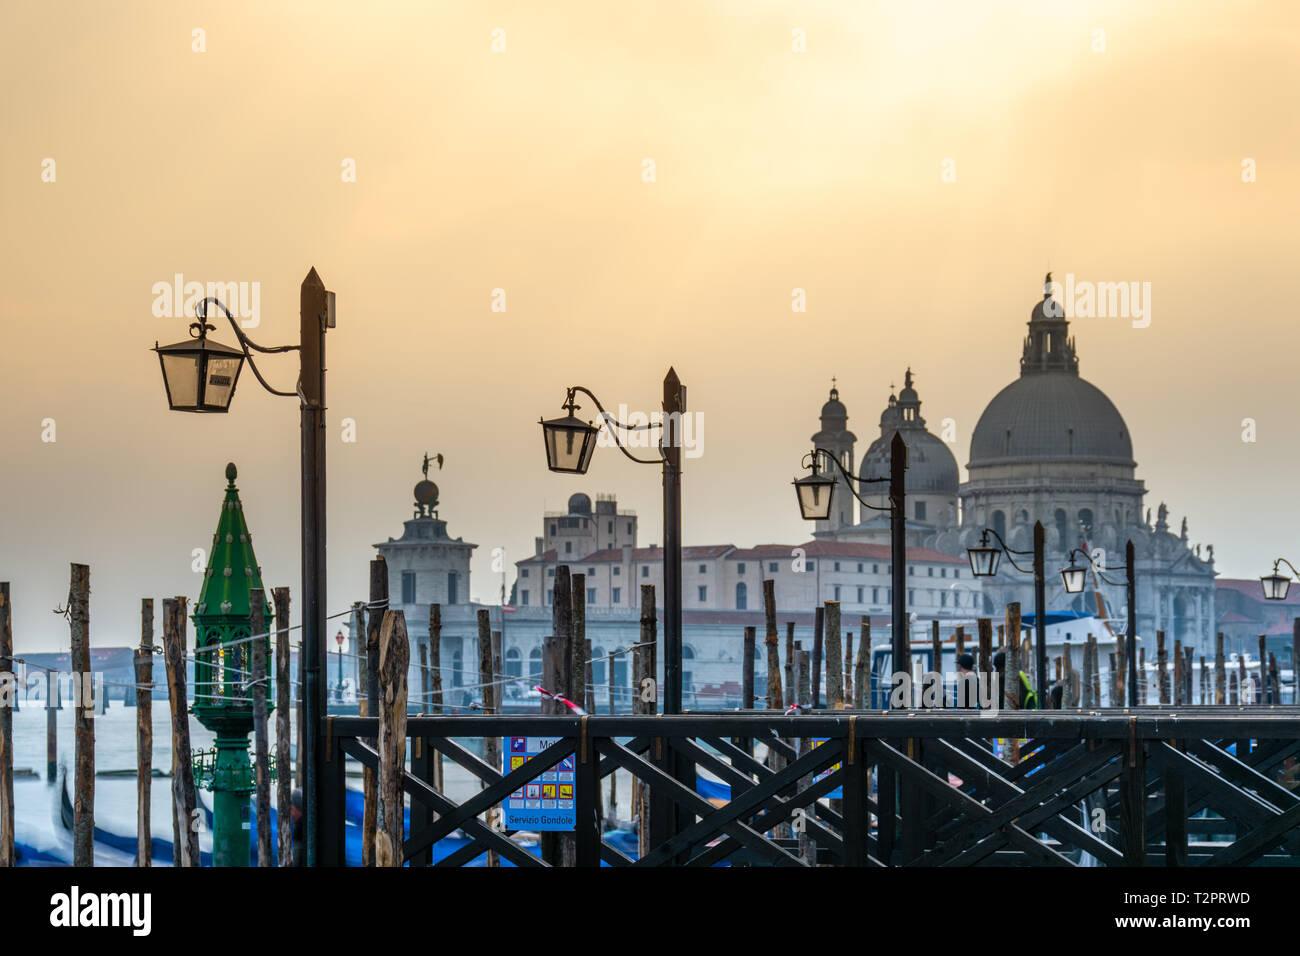 Vieille Cathédrale de Santa Maria della Salute à Venise, Italie Banque D'Images